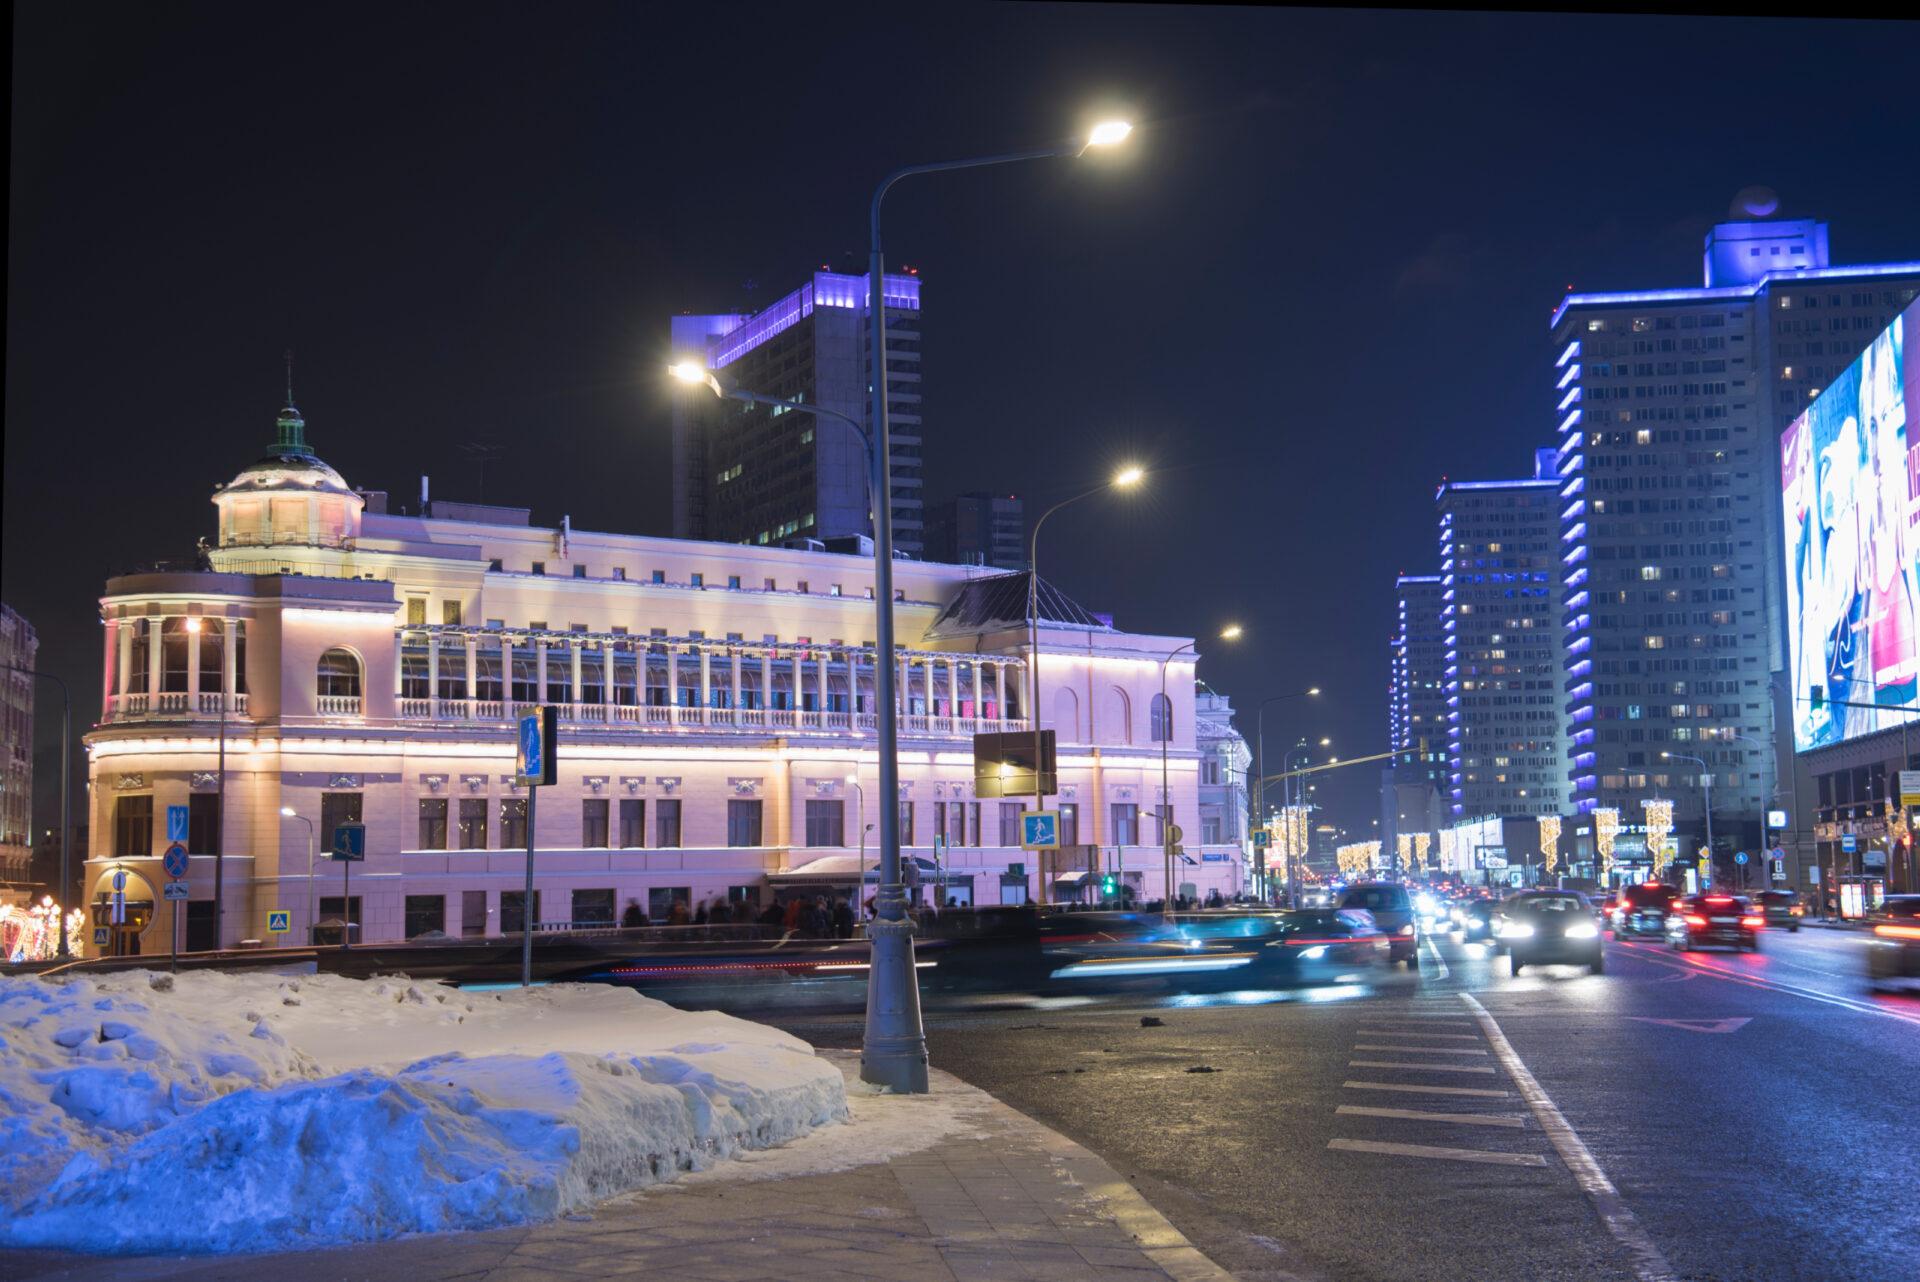 Москва, вечер среды после работы.